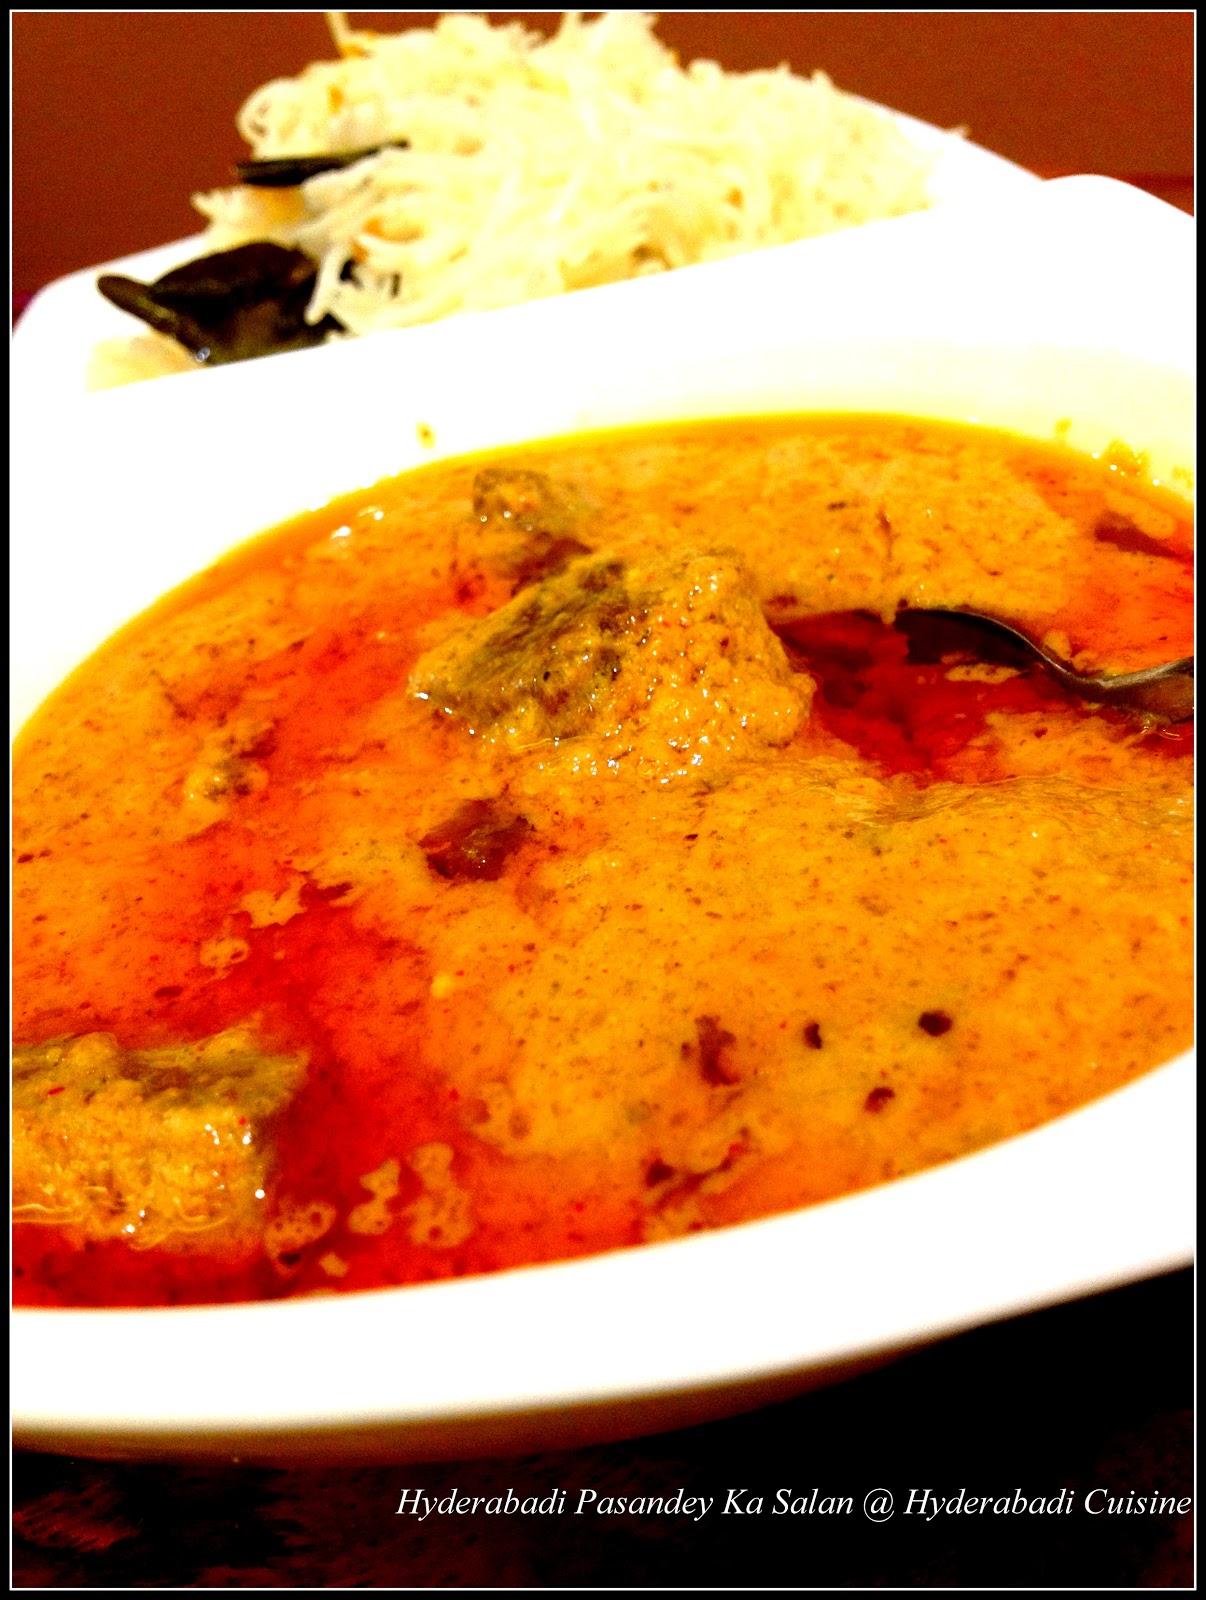 Hyderabadi Pasandey Ka Salan